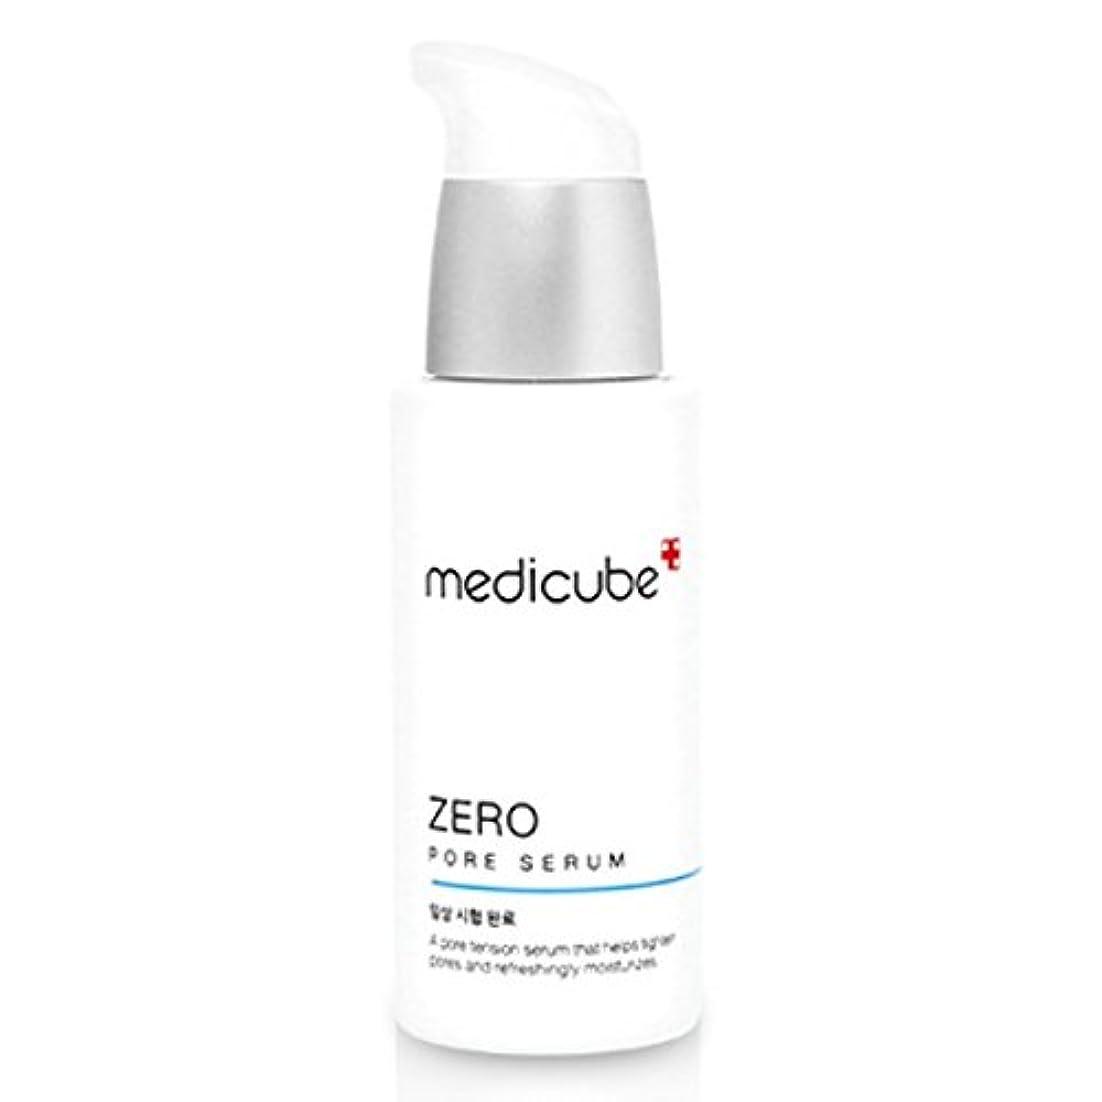 福祉医薬相反する[Medicube メディキューブ] ゼロポアセラム 27ml / Zero Pore Serum 27ml [並行輸入品]